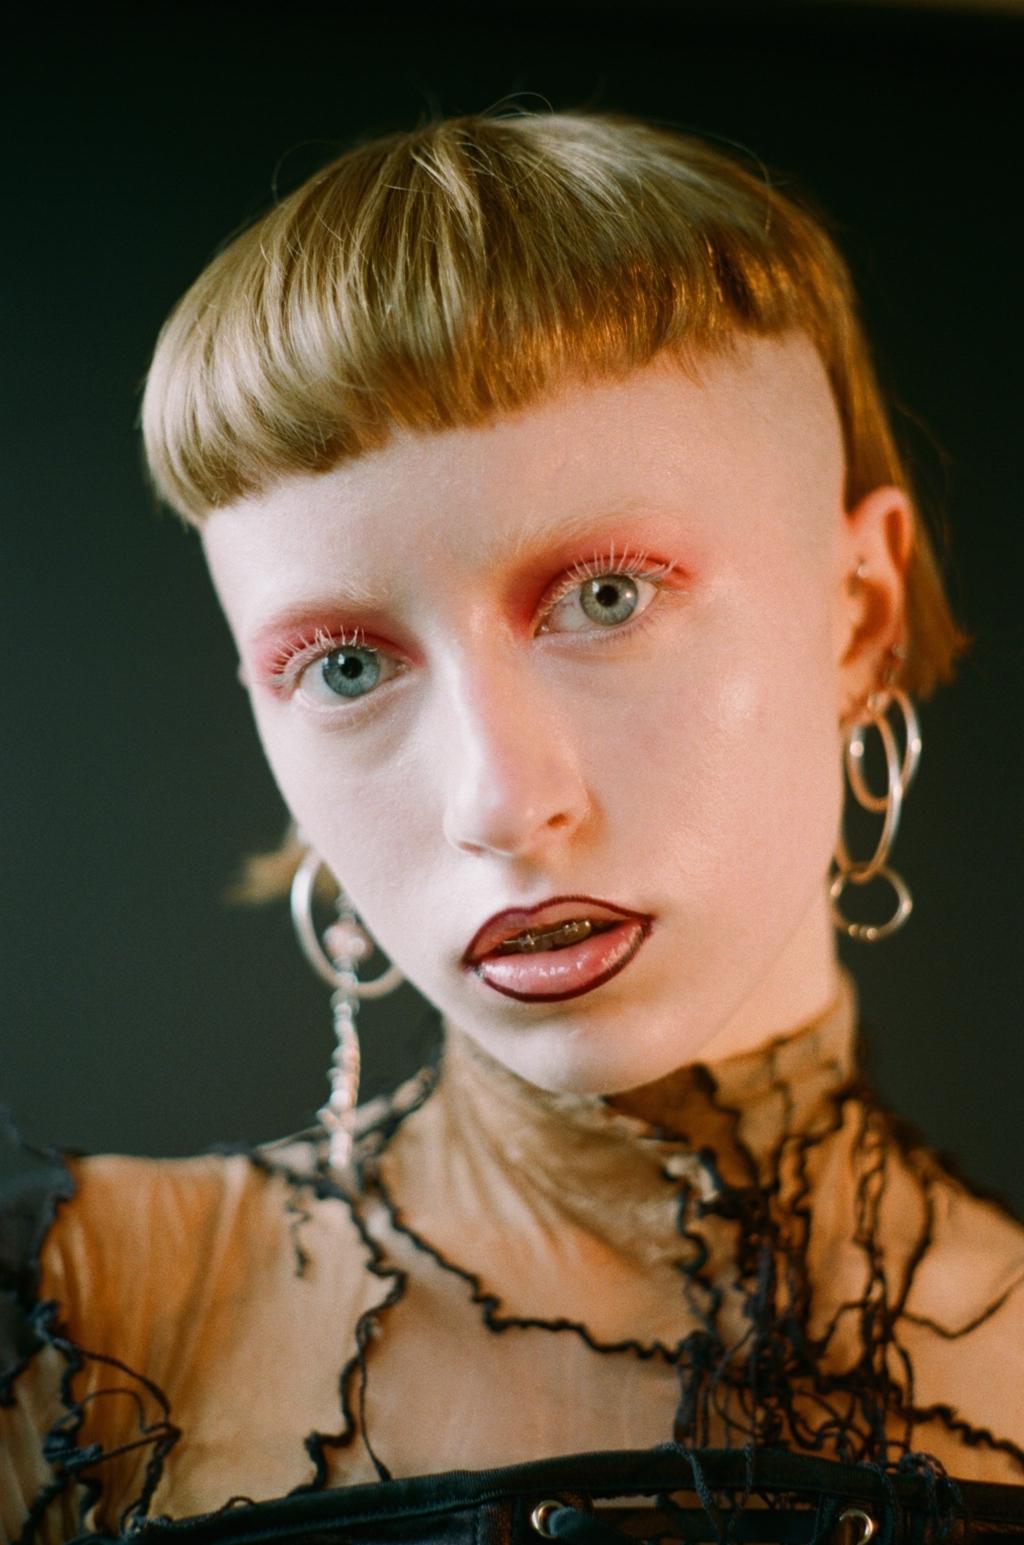 top + trousers Sonia Trefilova, corset STYLIST'S OWN, earrings MODELS OWN